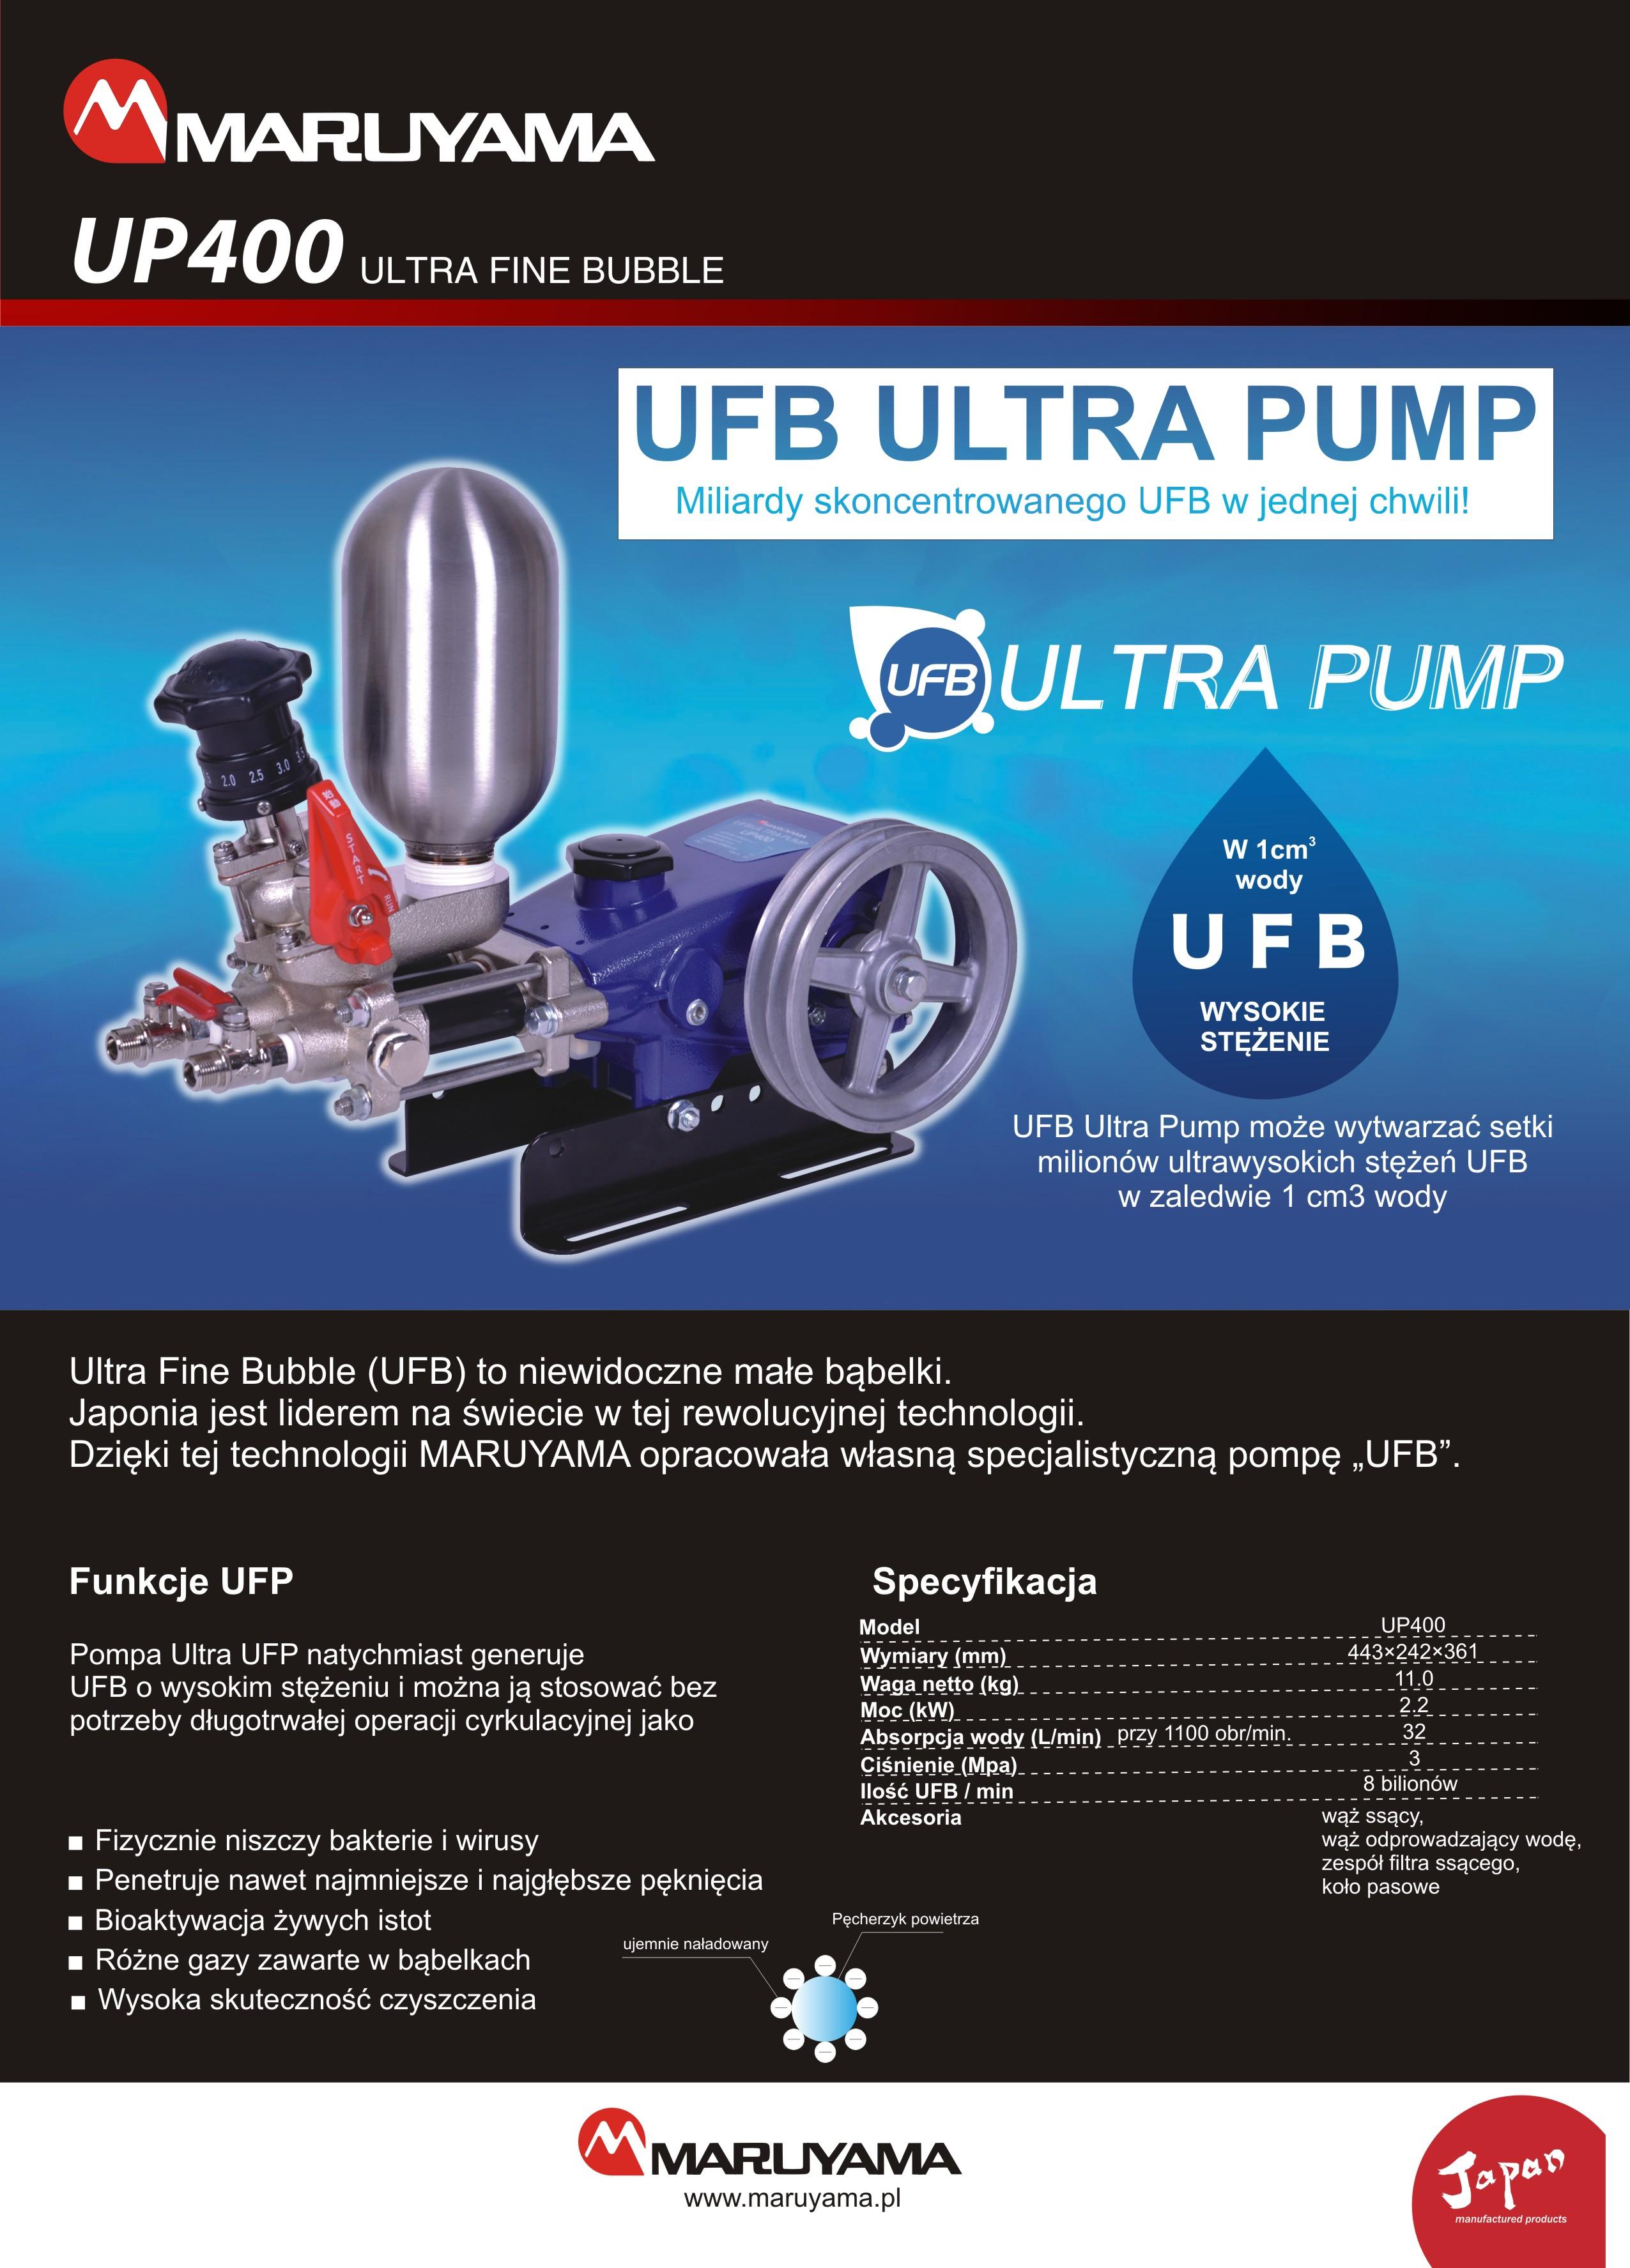 UP400 UFB